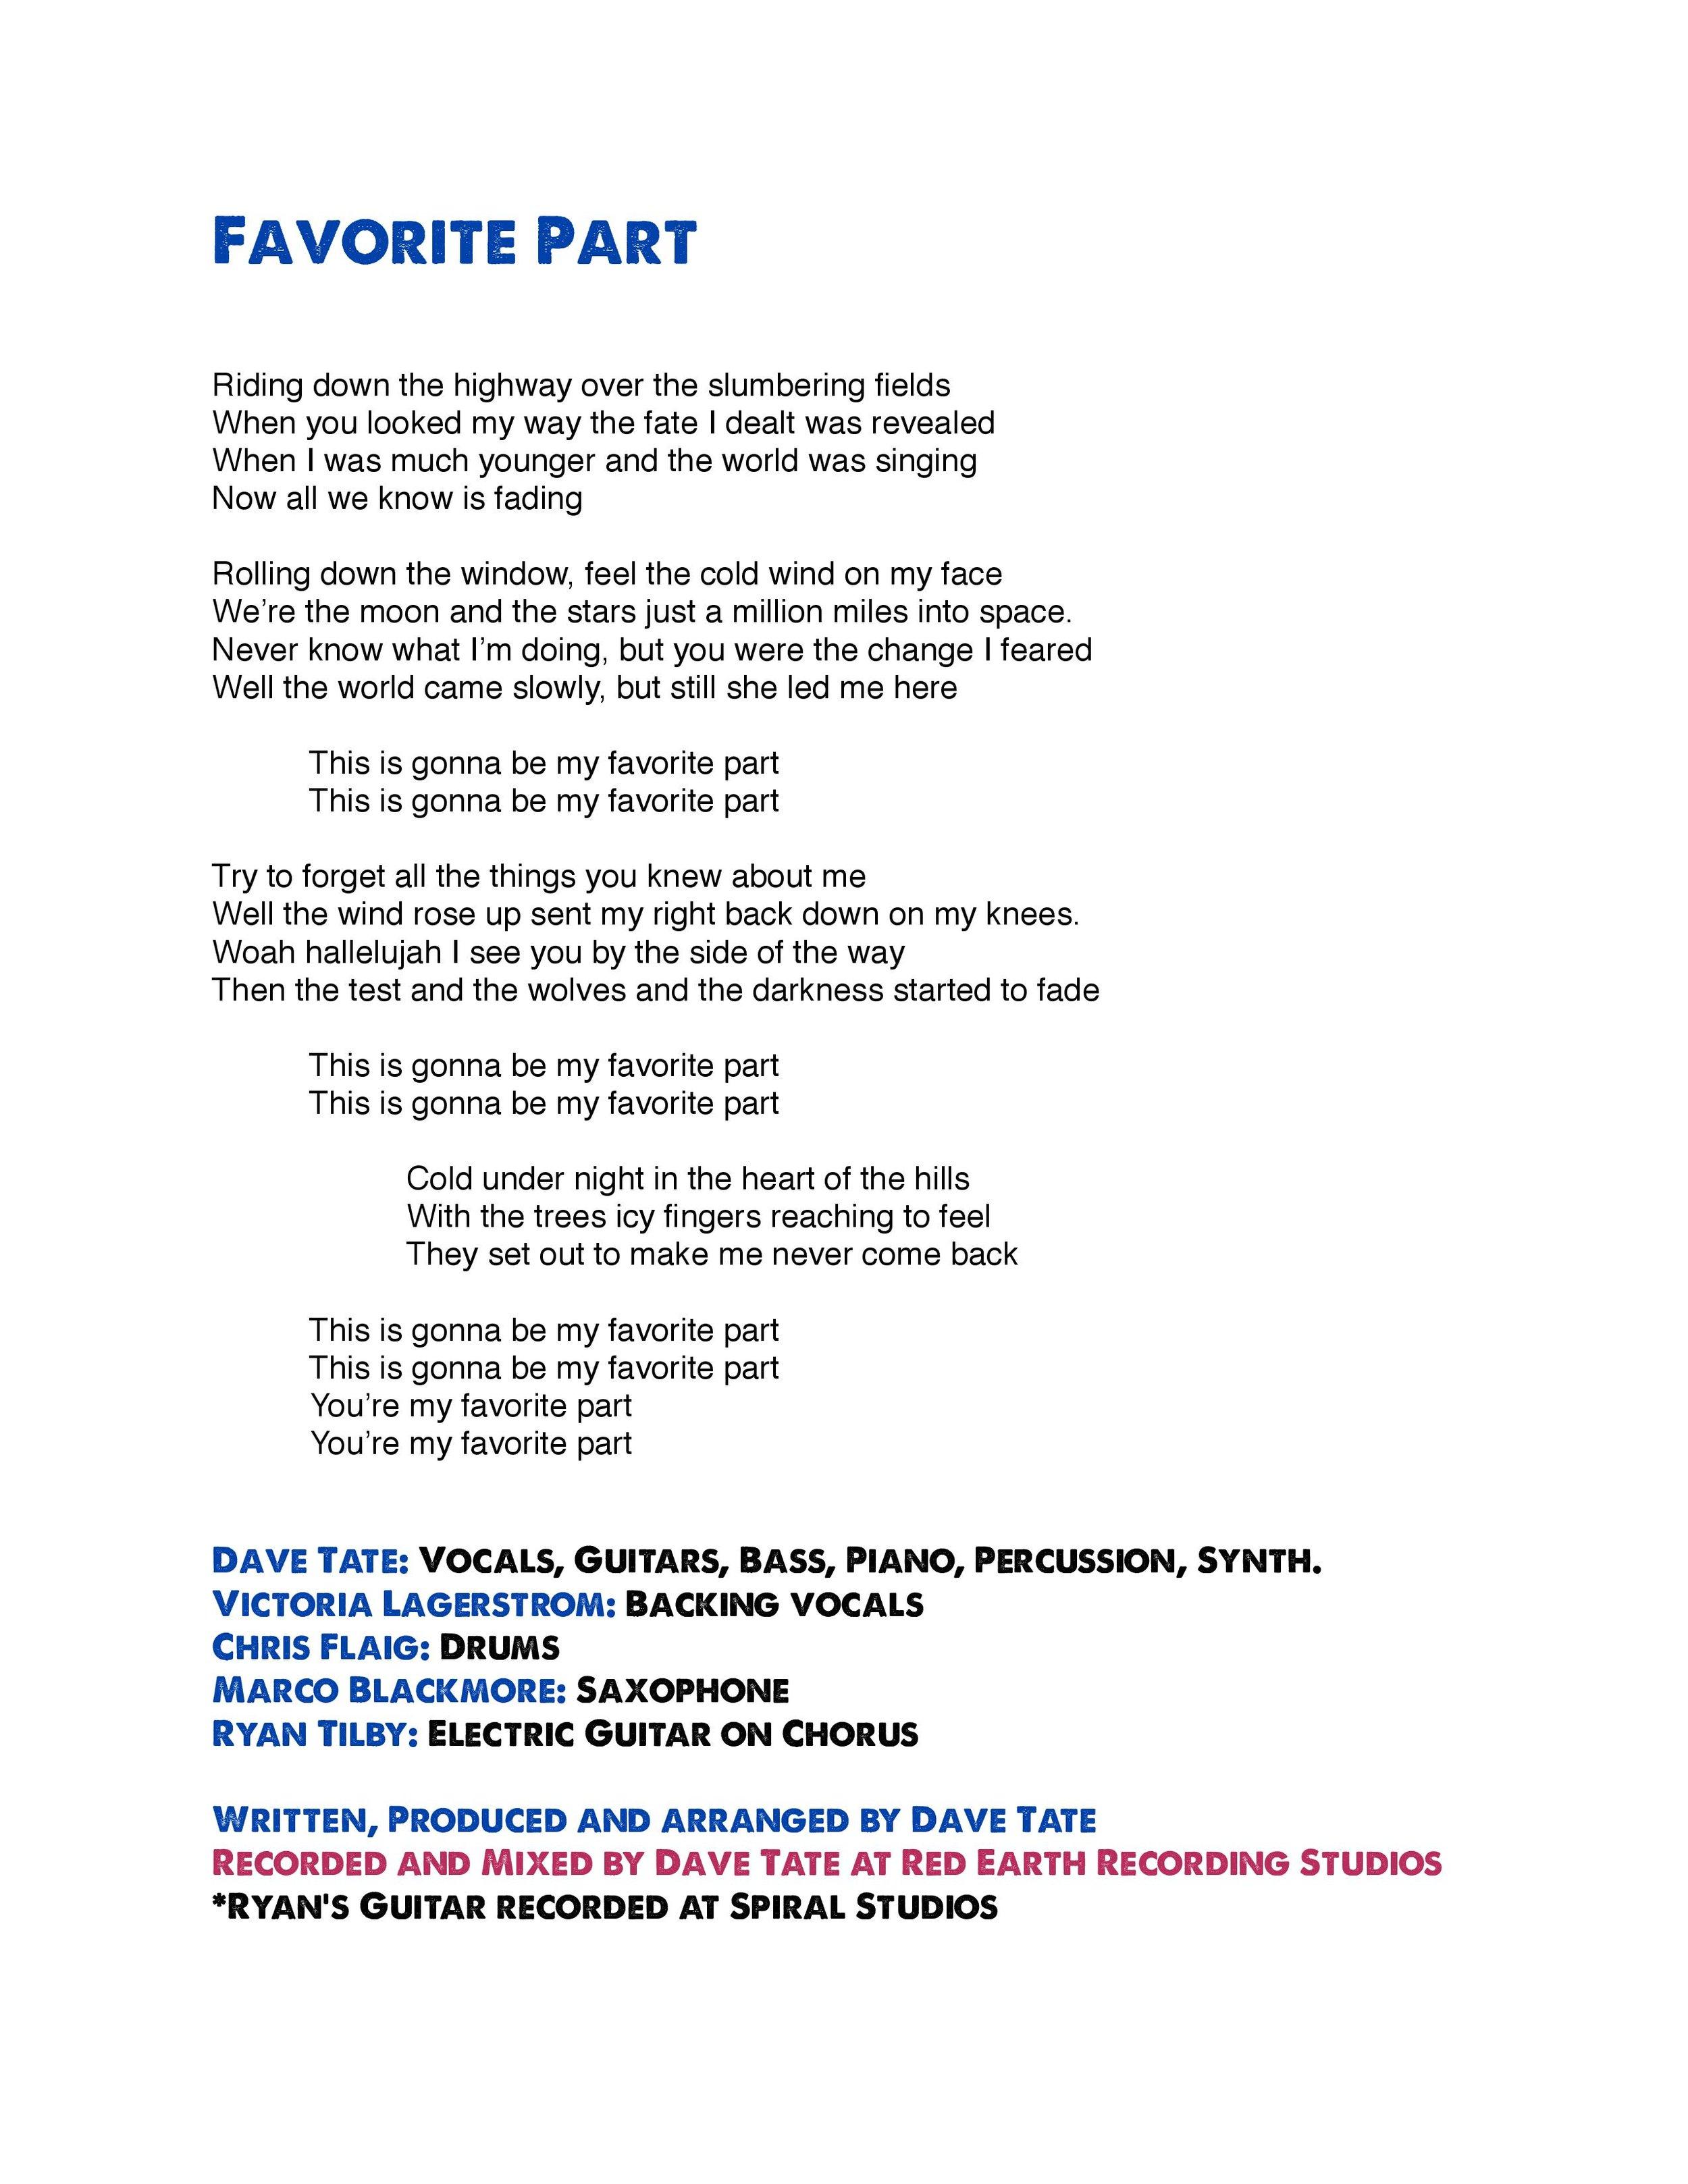 1 Favorite Part Lyrics-page-001.jpg